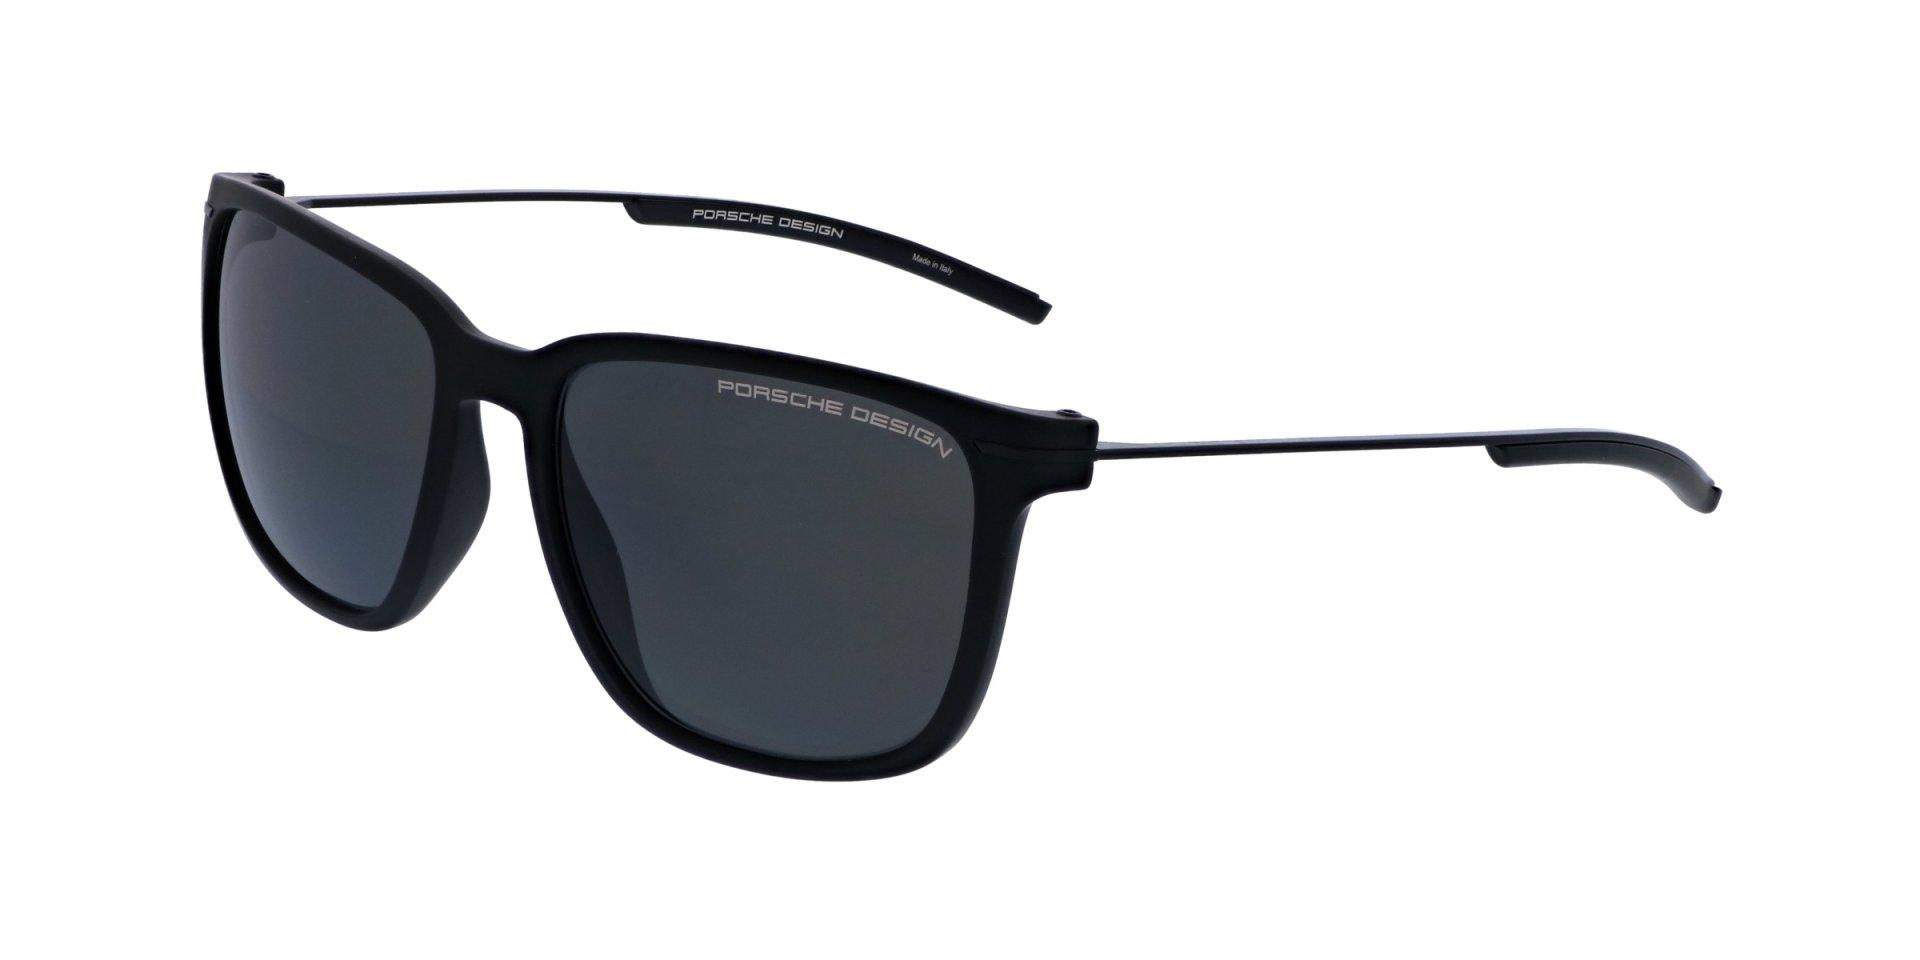 Porsche Design Sonnenbrille (P8637 A 57) 0GFBqX6eJ